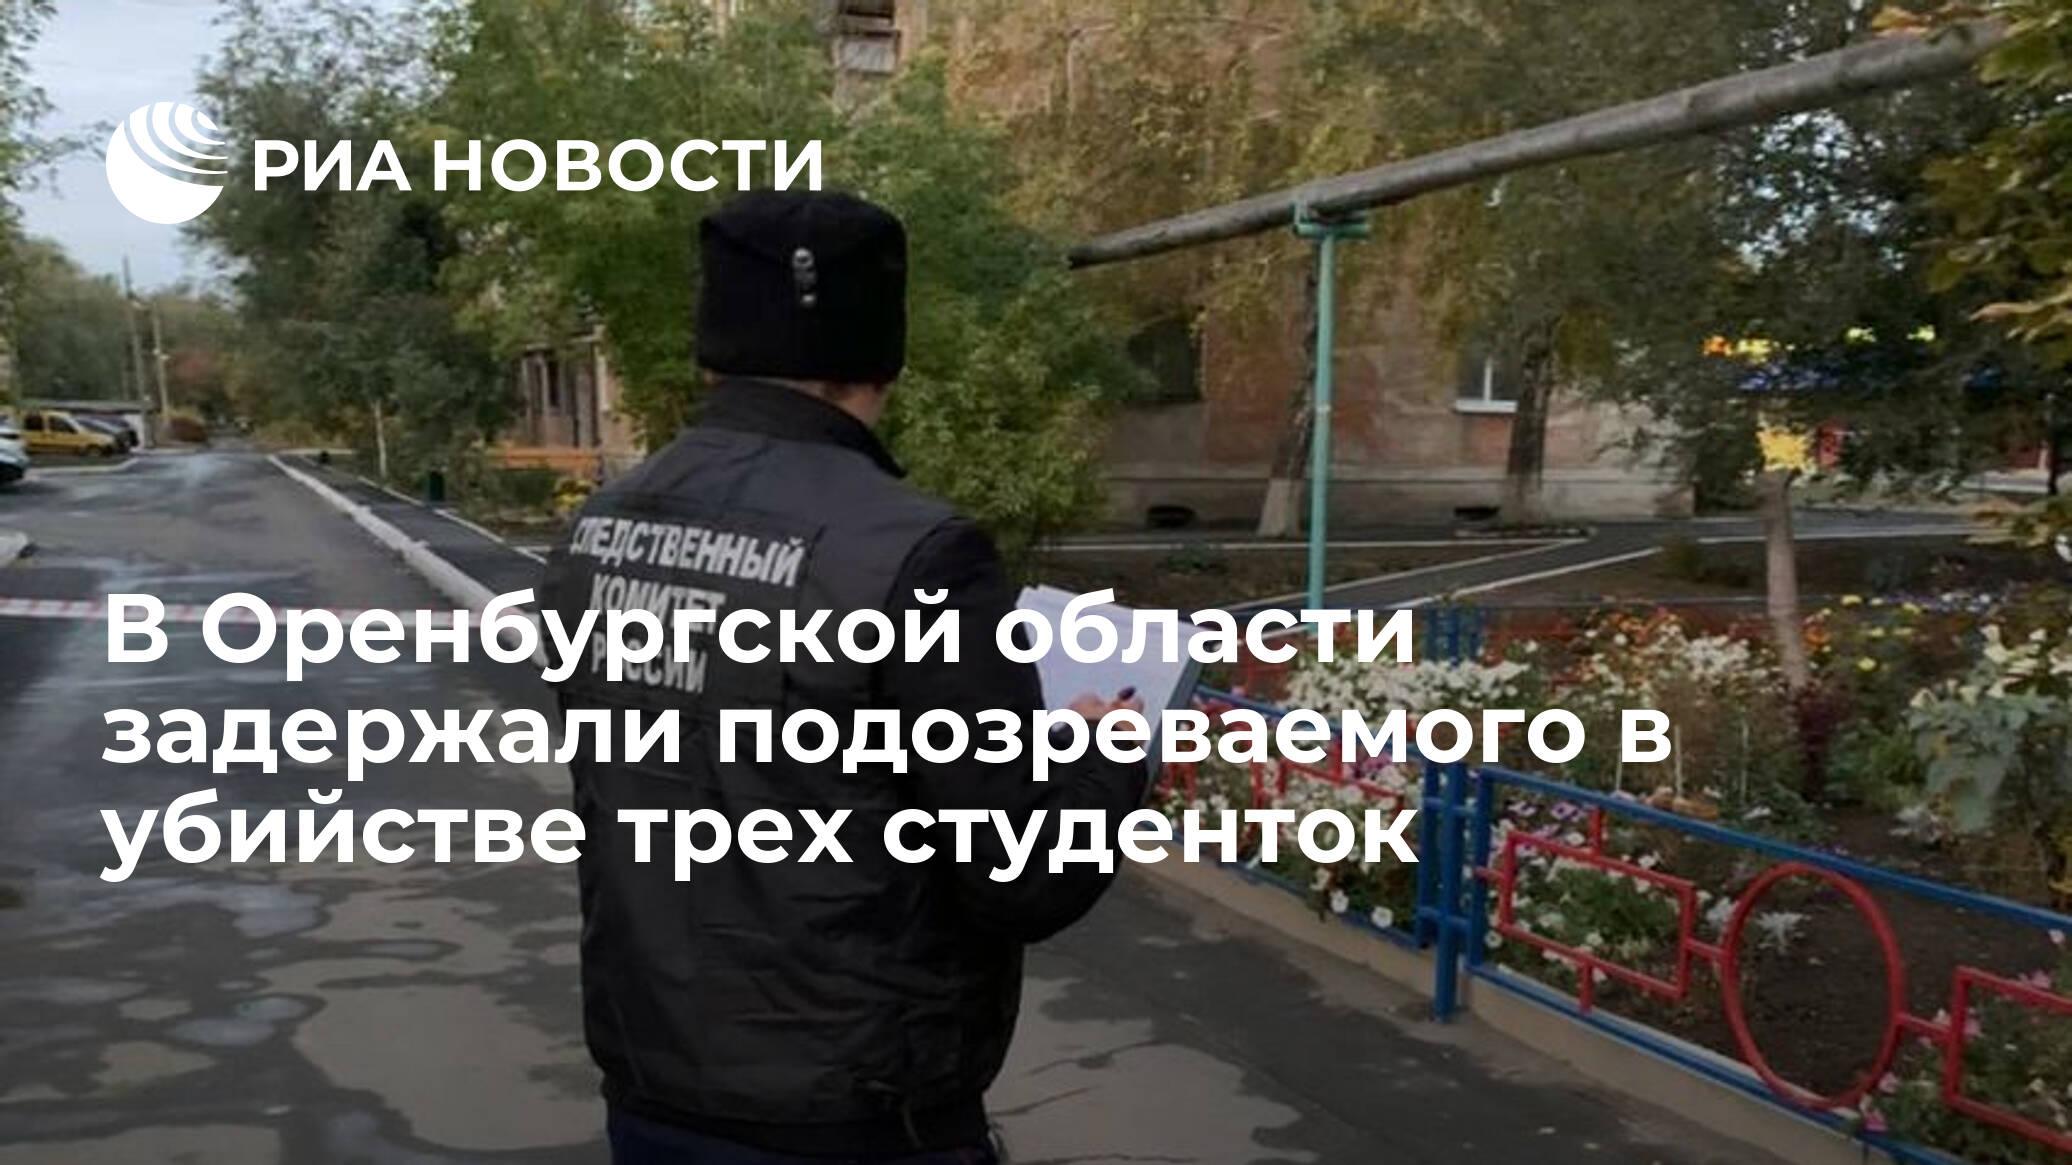 Подозреваемый в убийстве трех студенток в оренбургском Гае задержан